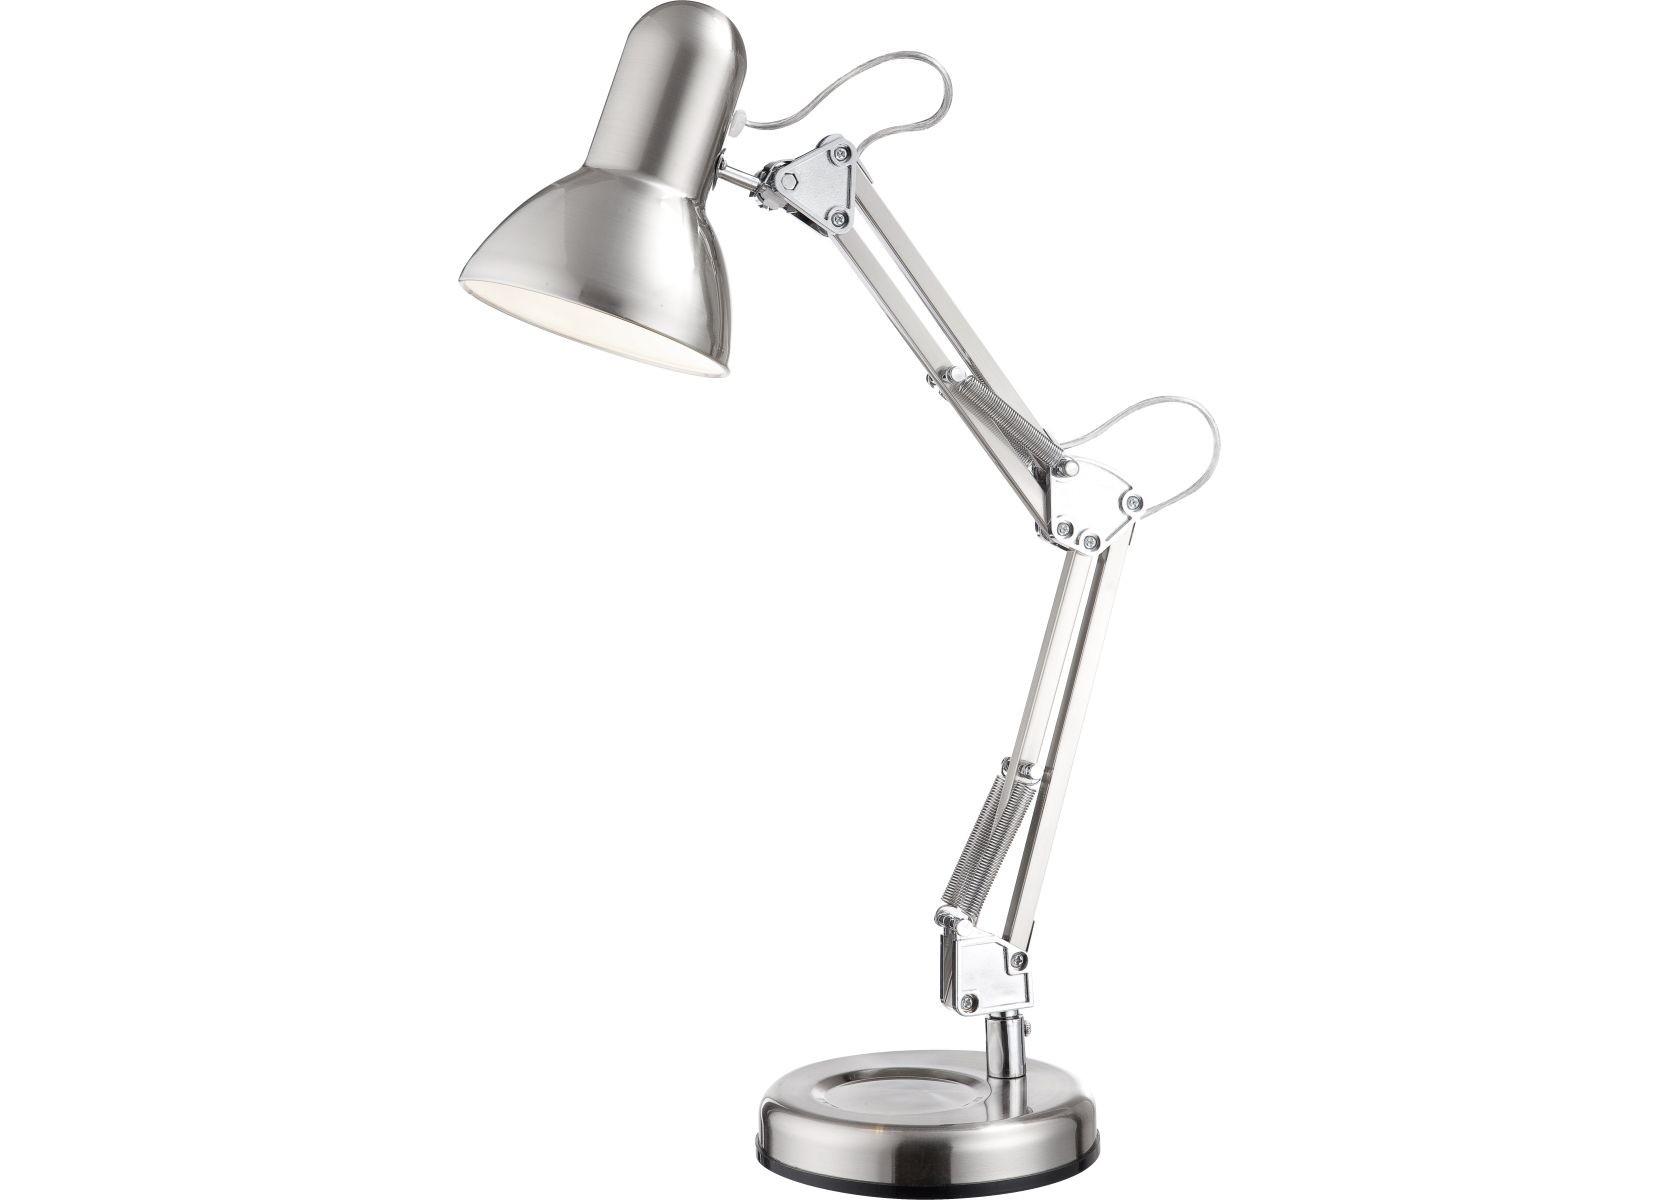 Настольная лампаНастольные лампы<br>&amp;lt;div&amp;gt;Вид цоколя: E27&amp;lt;/div&amp;gt;&amp;lt;div&amp;gt;Мощность: 40W&amp;lt;/div&amp;gt;&amp;lt;div&amp;gt;Количество ламп: 1&amp;lt;/div&amp;gt;<br><br>Material: Пластик<br>Height см: 59<br>Diameter см: 44